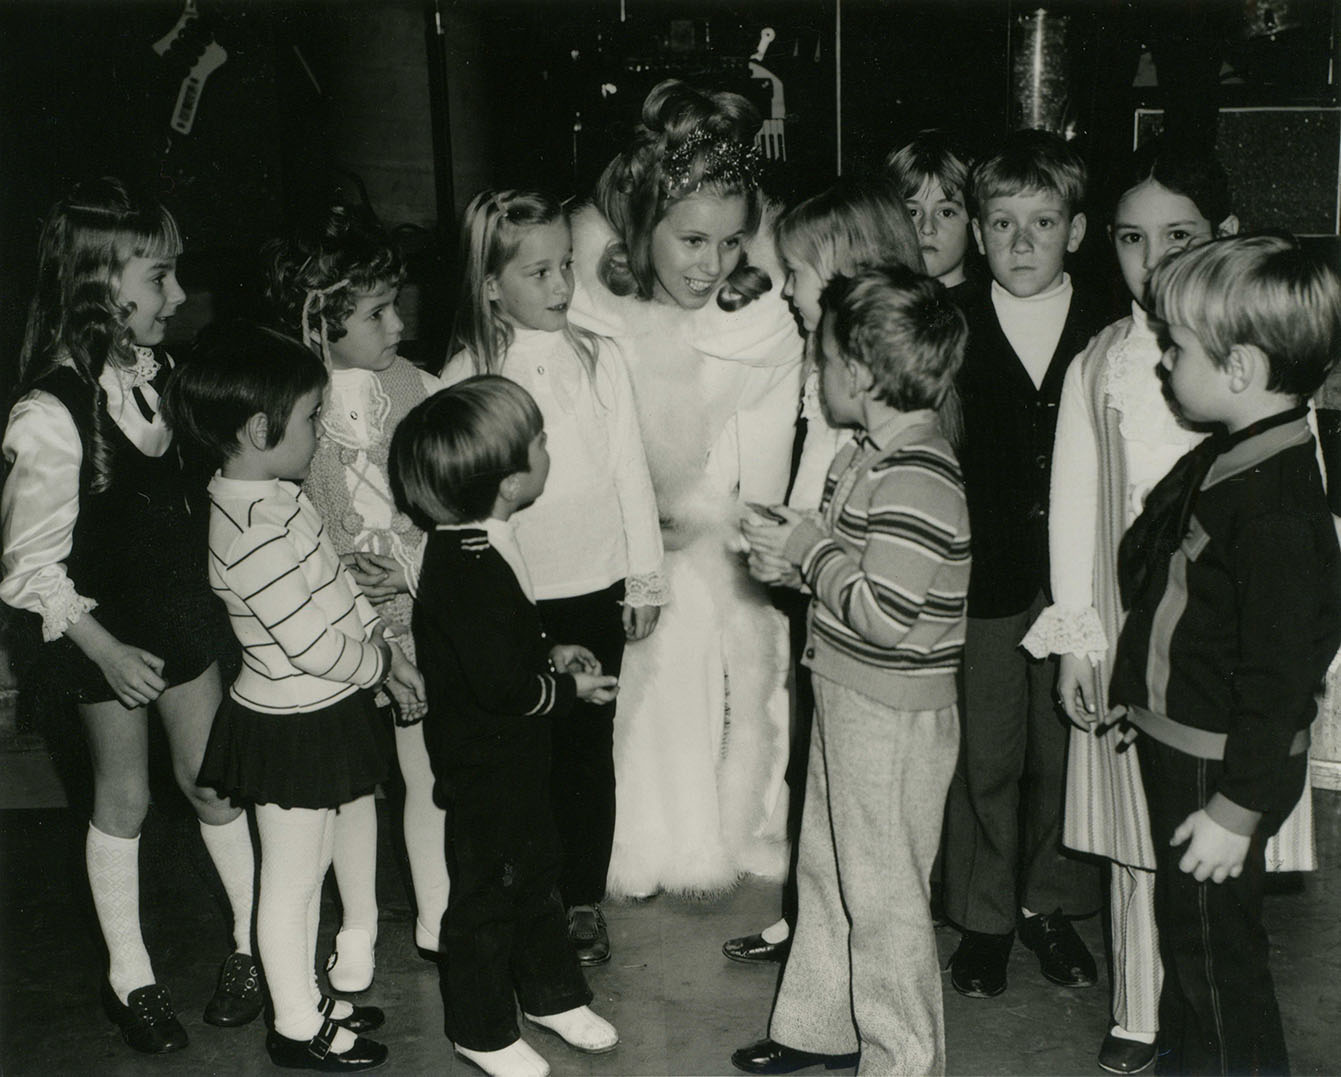 Une jeune femme, habillée en fée, est entourée d'enfants.